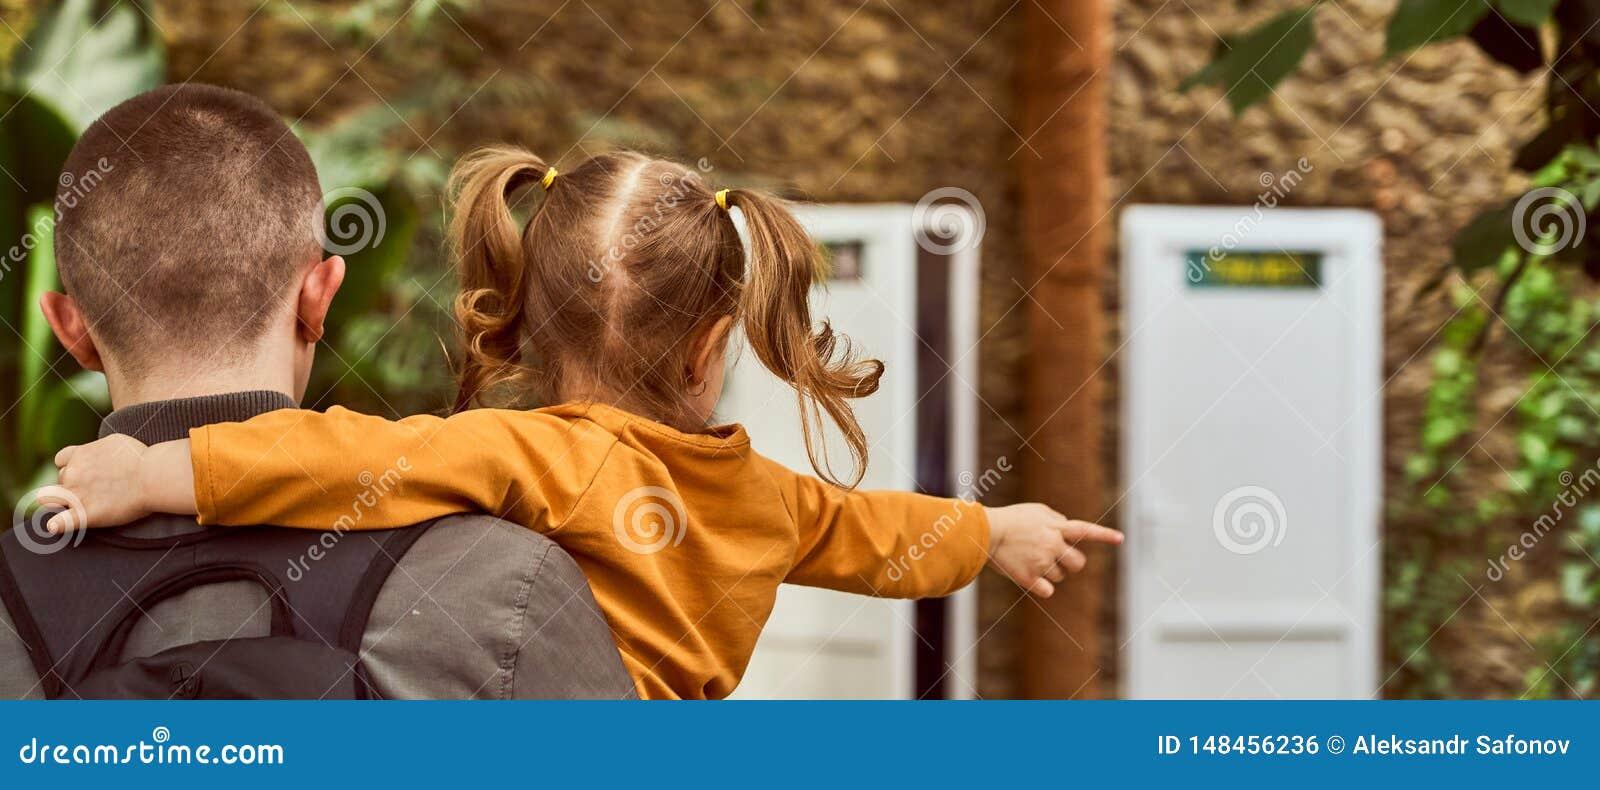 抱他的胳膊的一个人一个孩子,在框架的后面,去